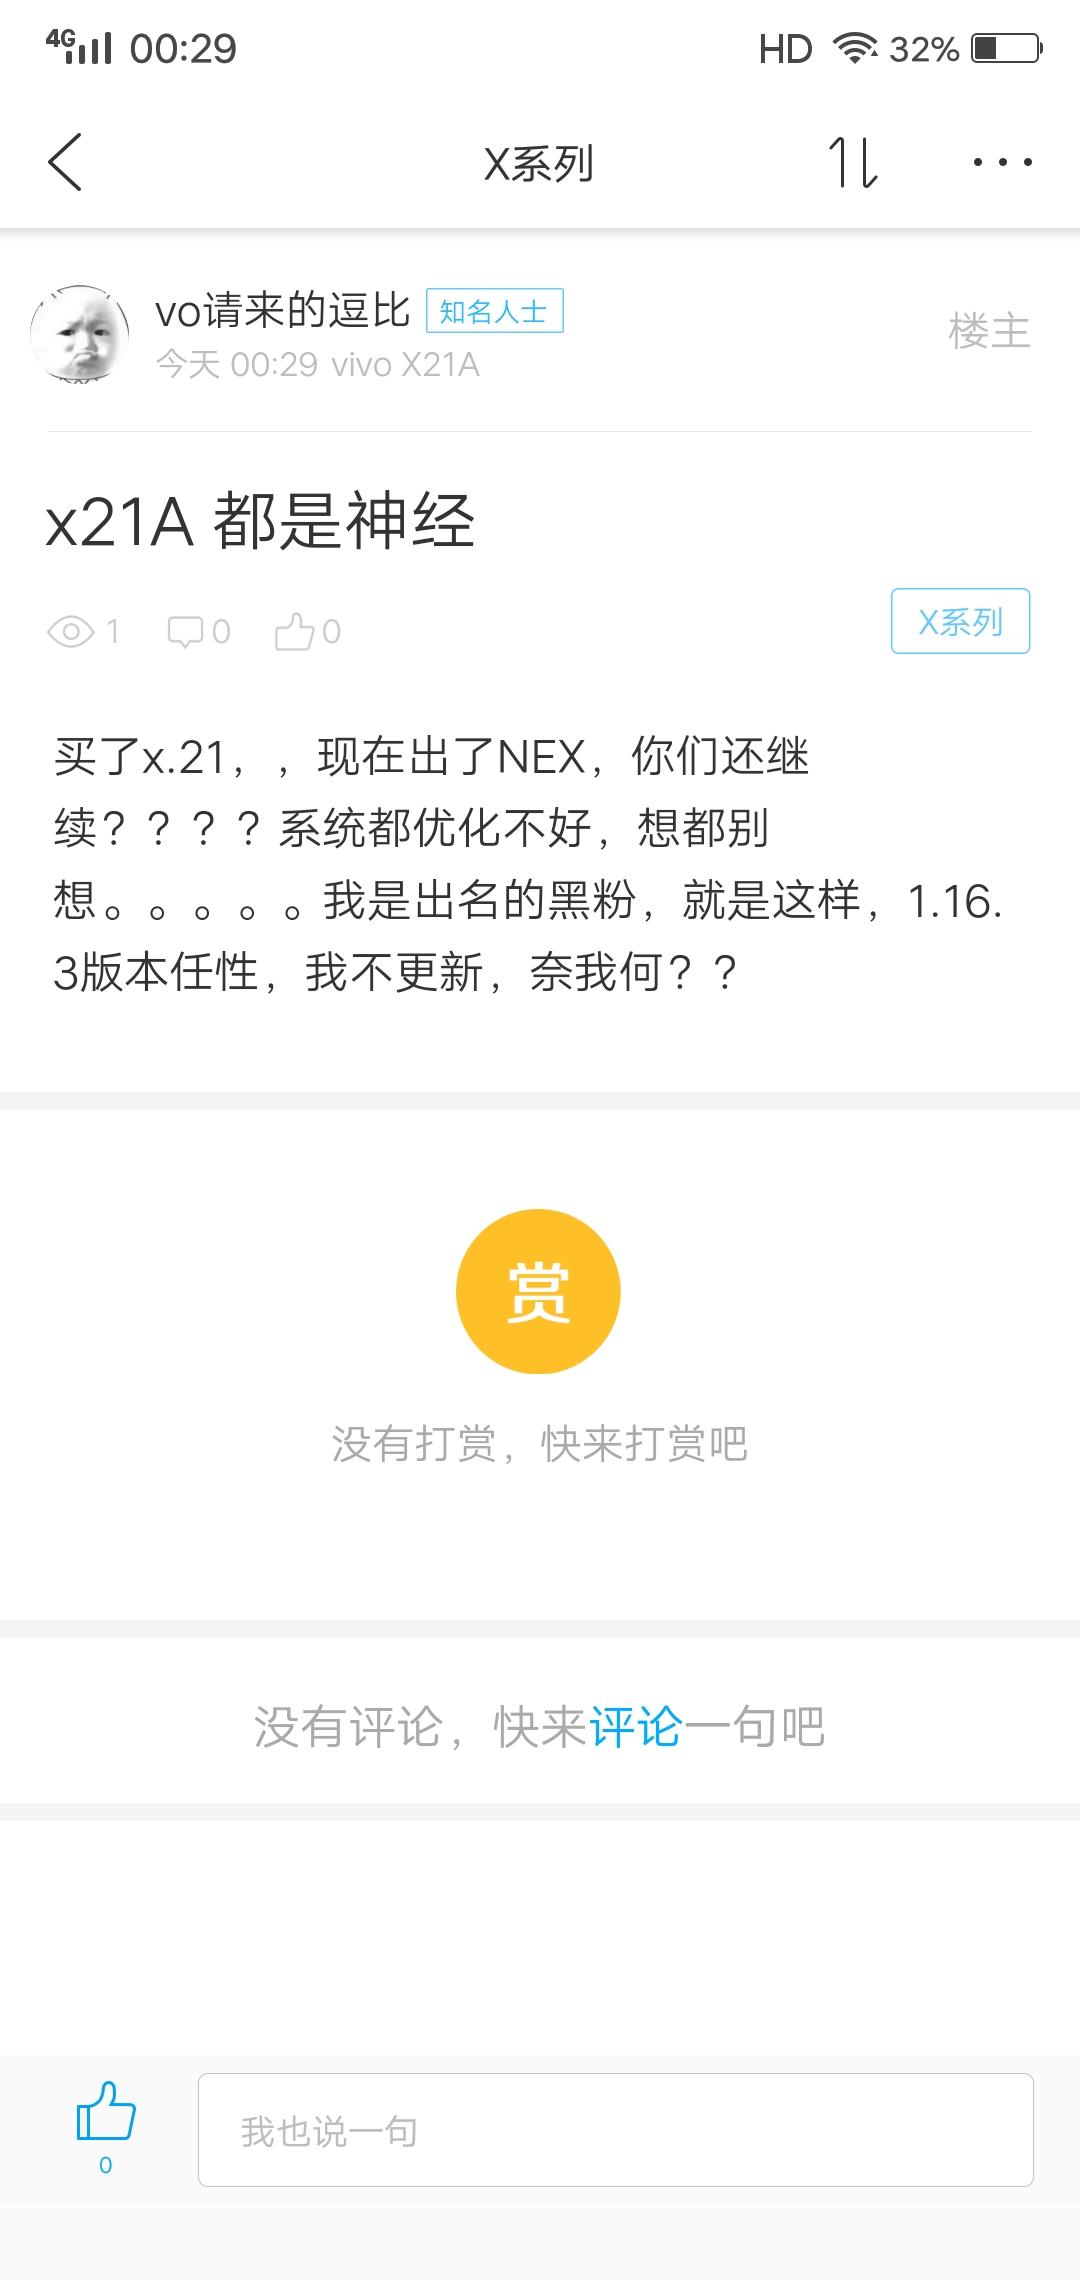 Screenshot_20180613_002953.jpg